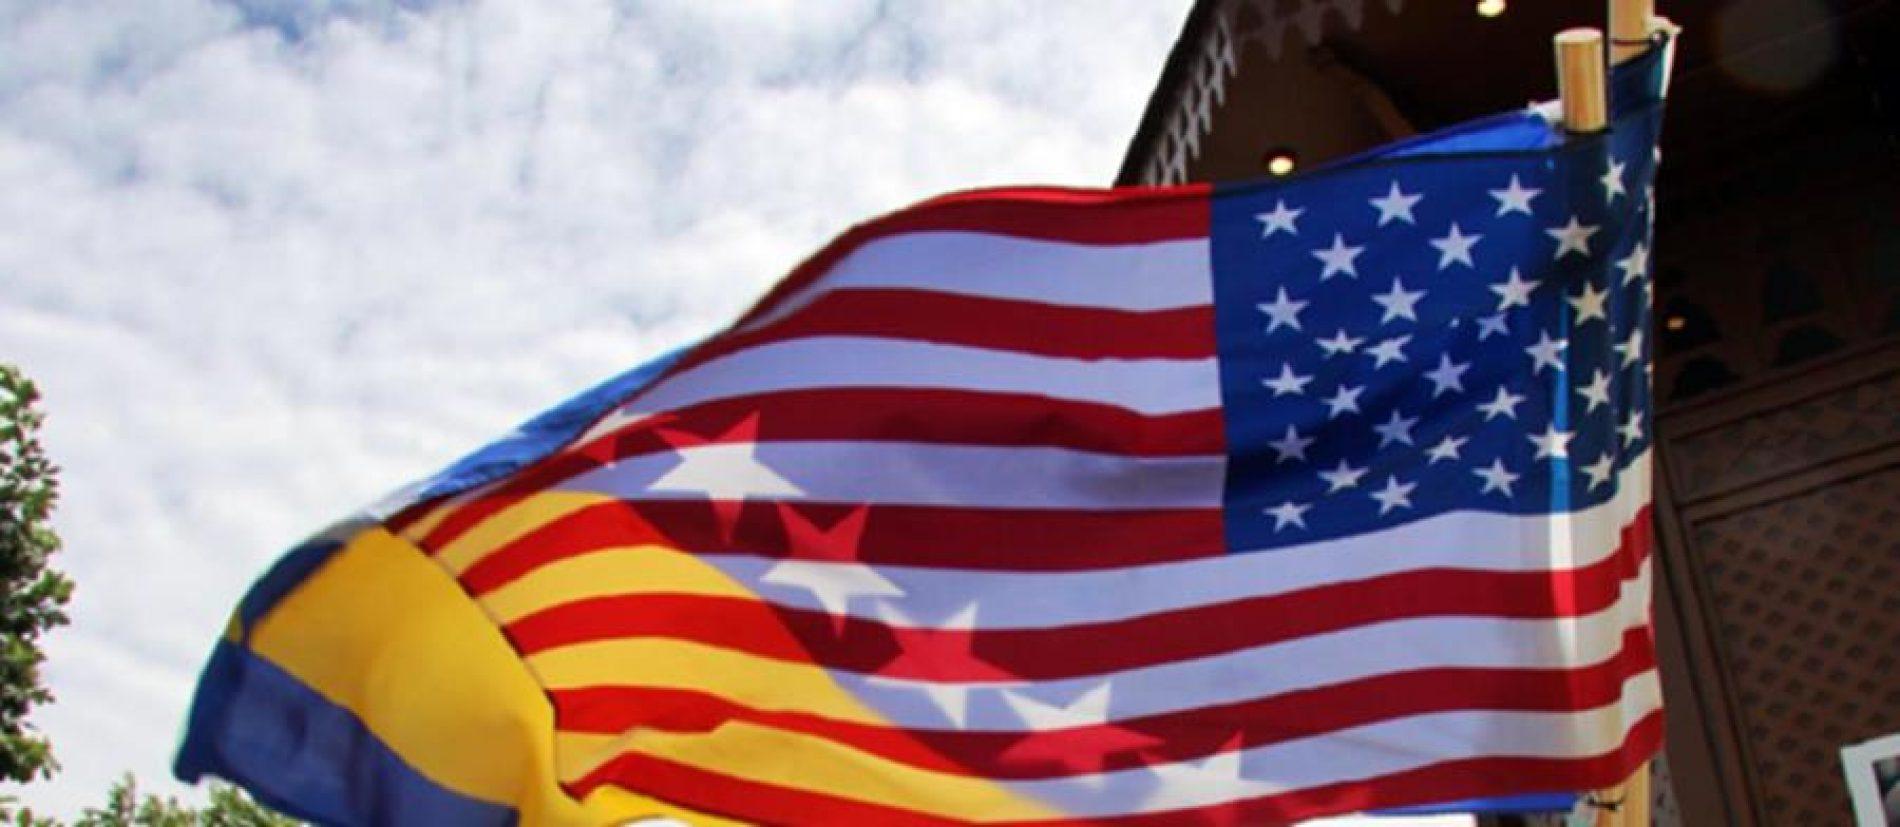 Zanimljive činjenice o Danu nezavisnosti SAD-a